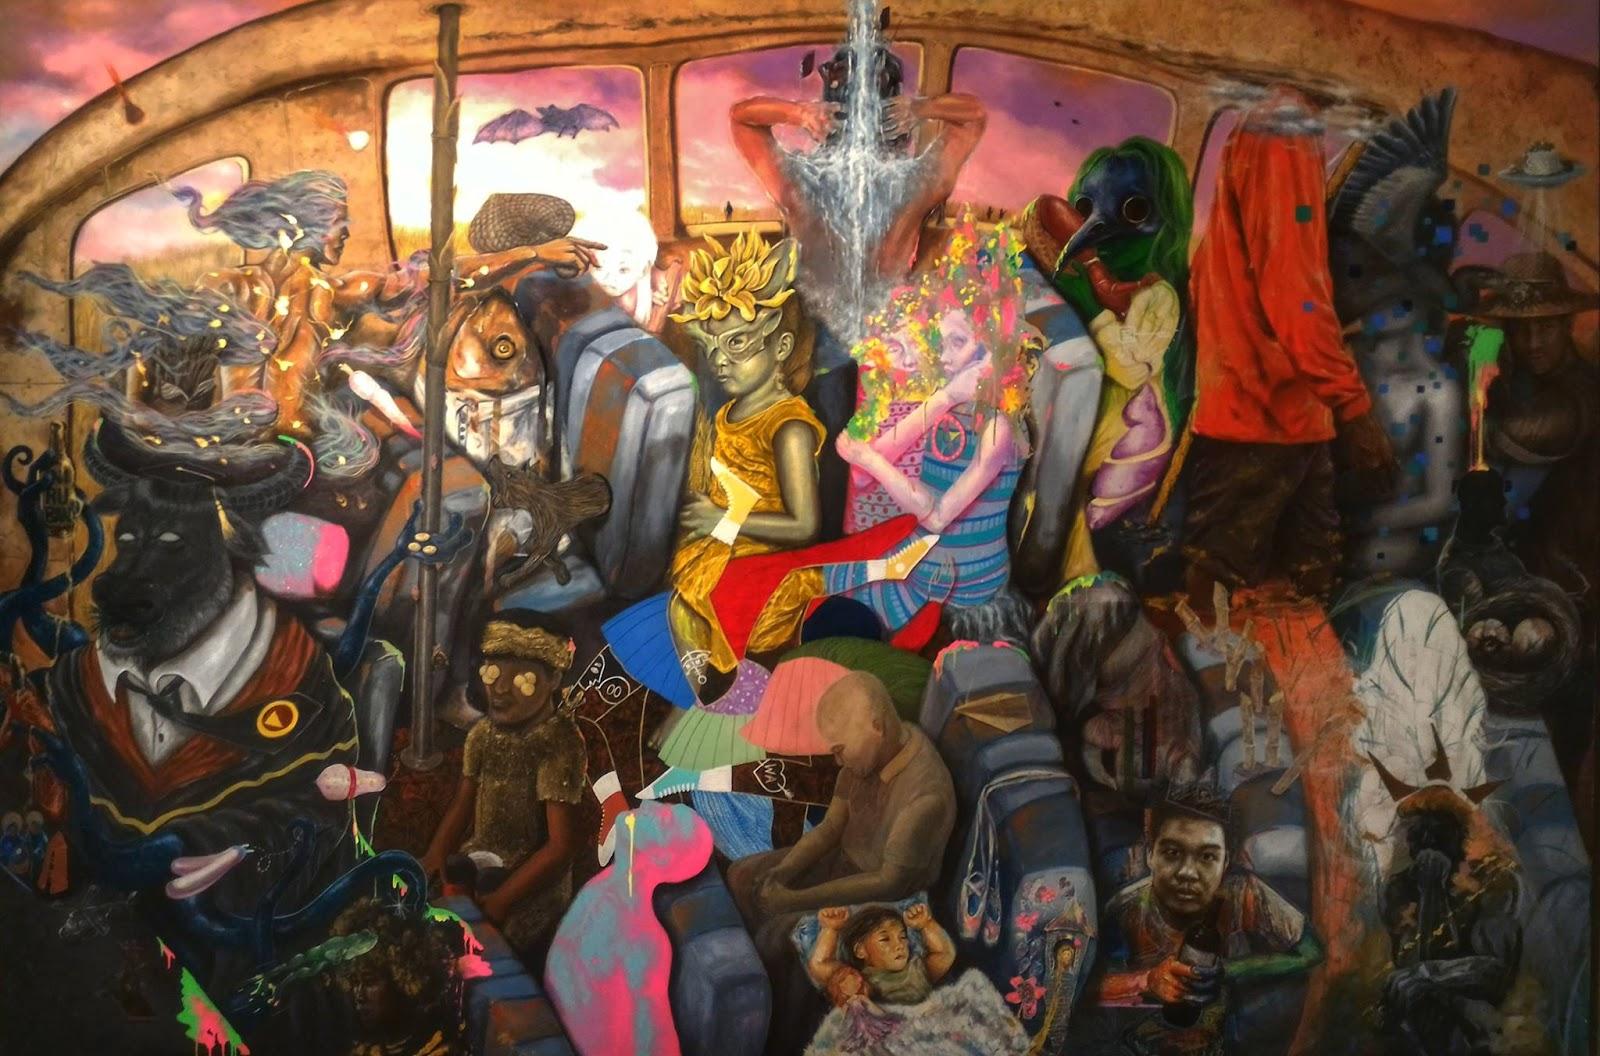 Tarlac artists collaborative painting 243 84 x 365 76 cm museo ng probinsya ng tarlac